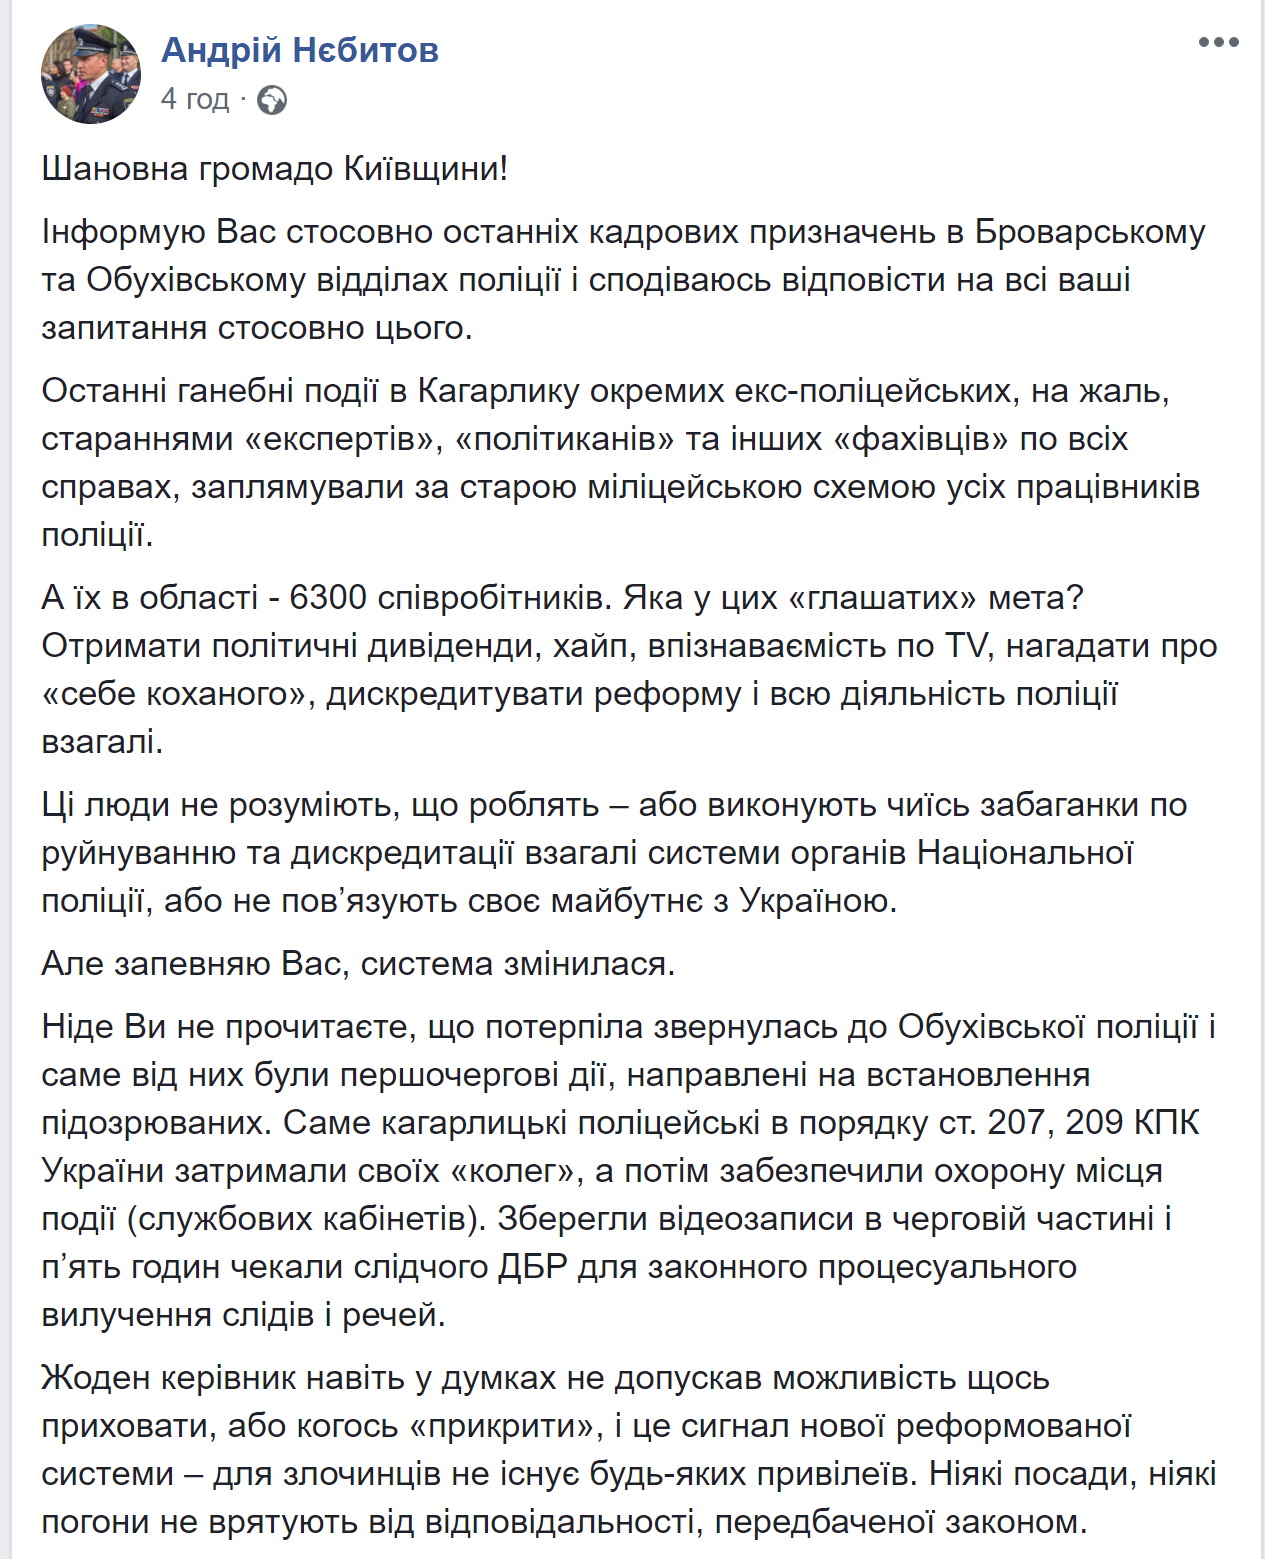 Пост Нєбитова